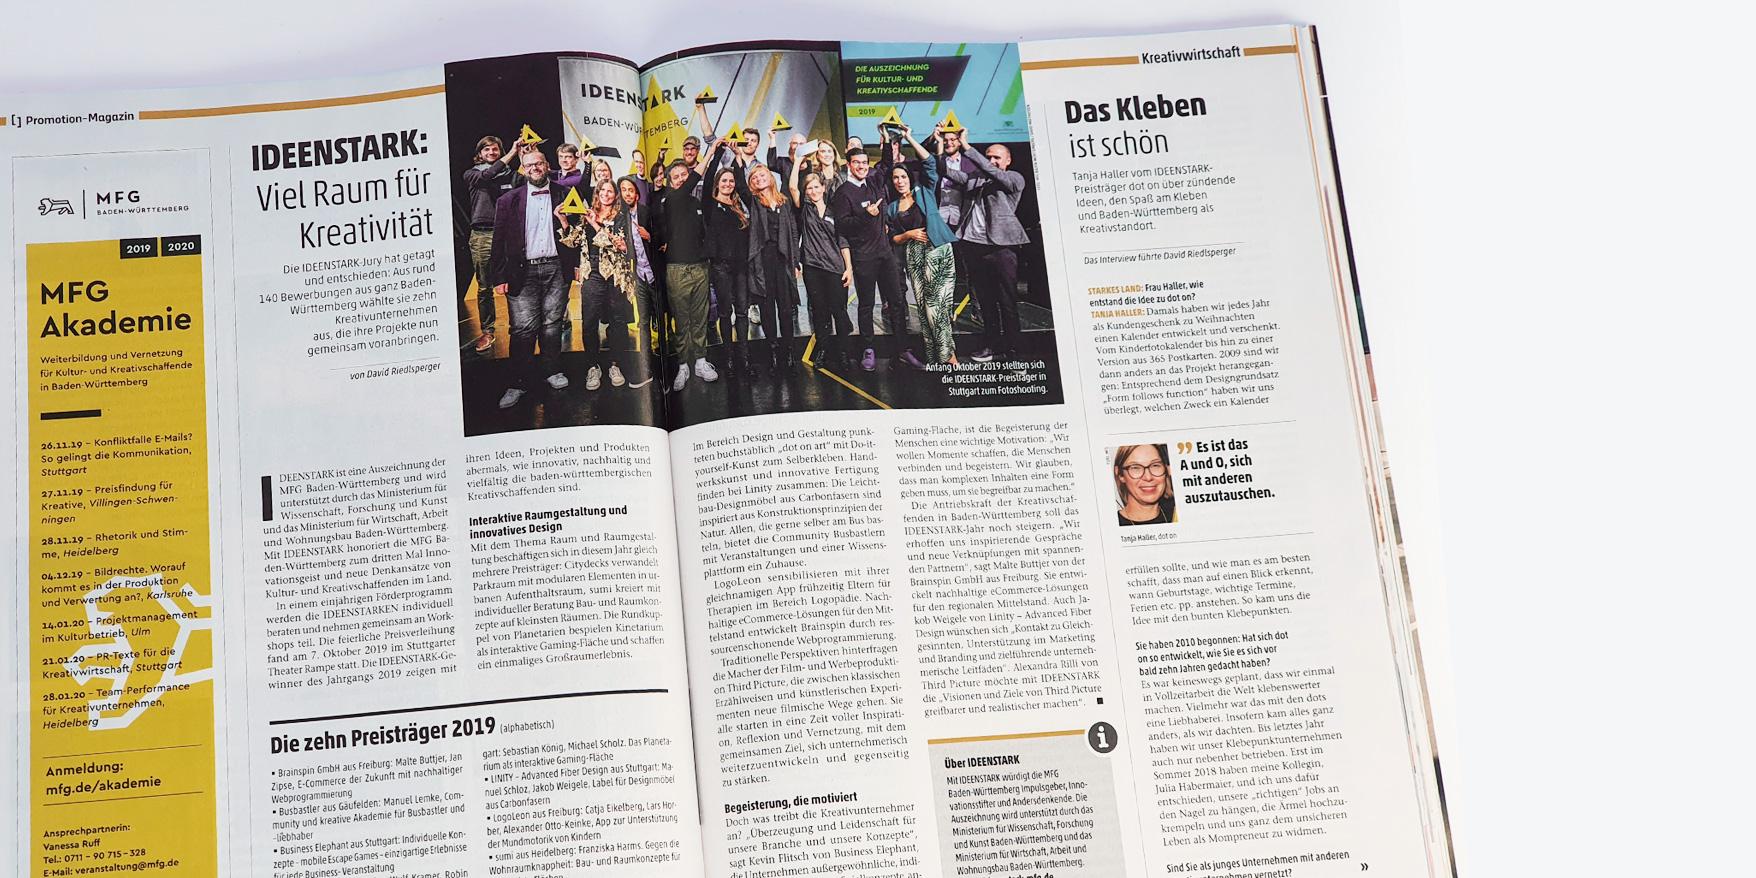 In der Spiegel Regionalausgabe